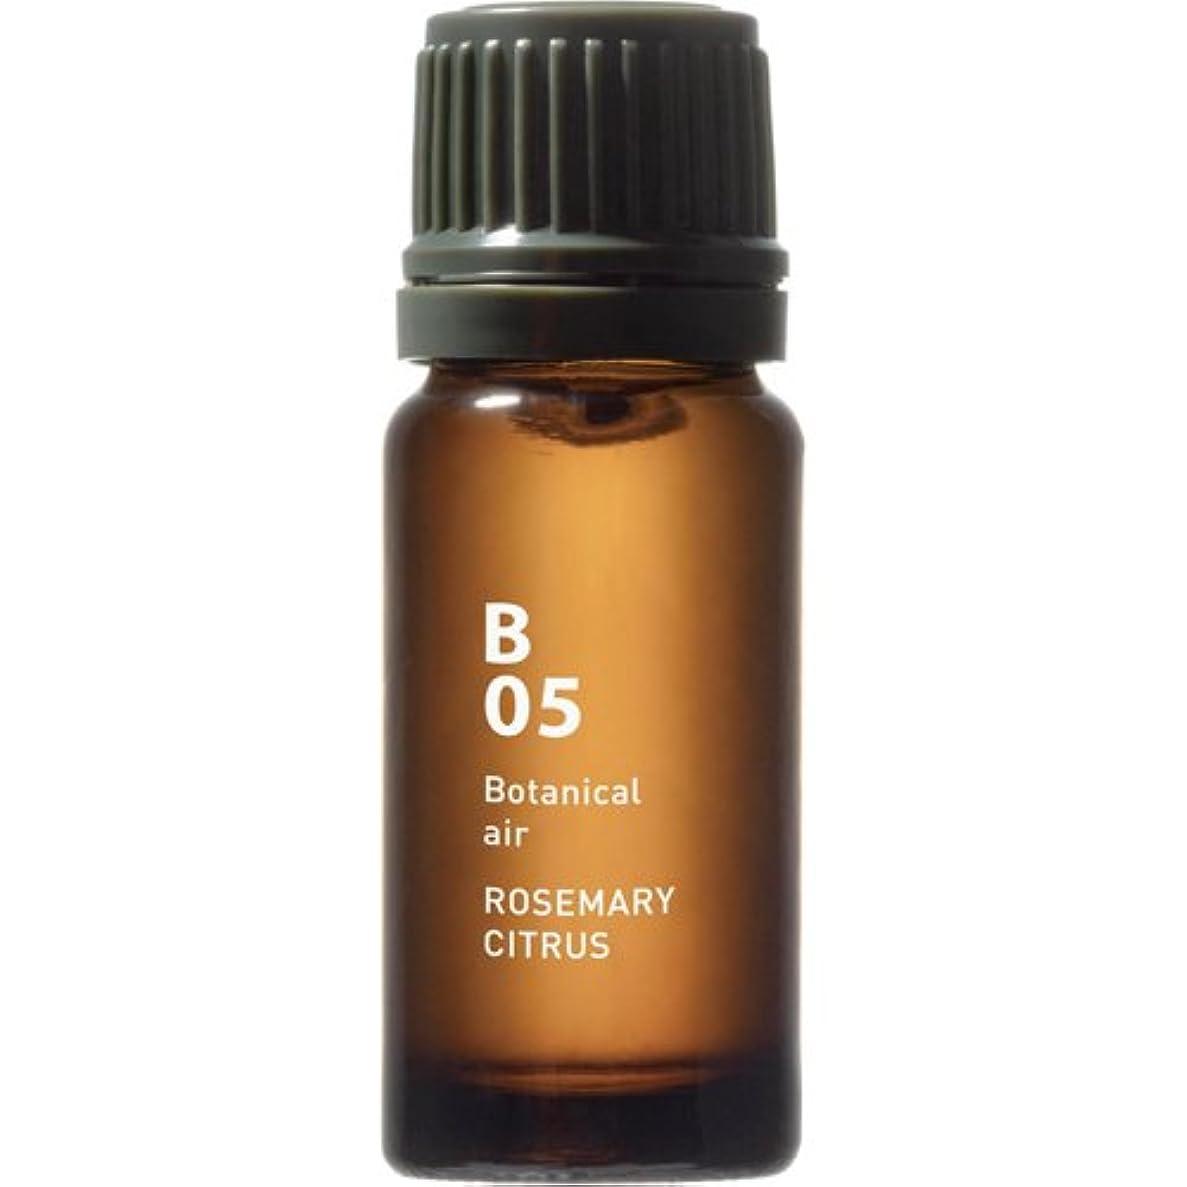 望まない観察多数のB05 ローズマリーシトラス Botanical air(ボタニカルエアー) 10ml